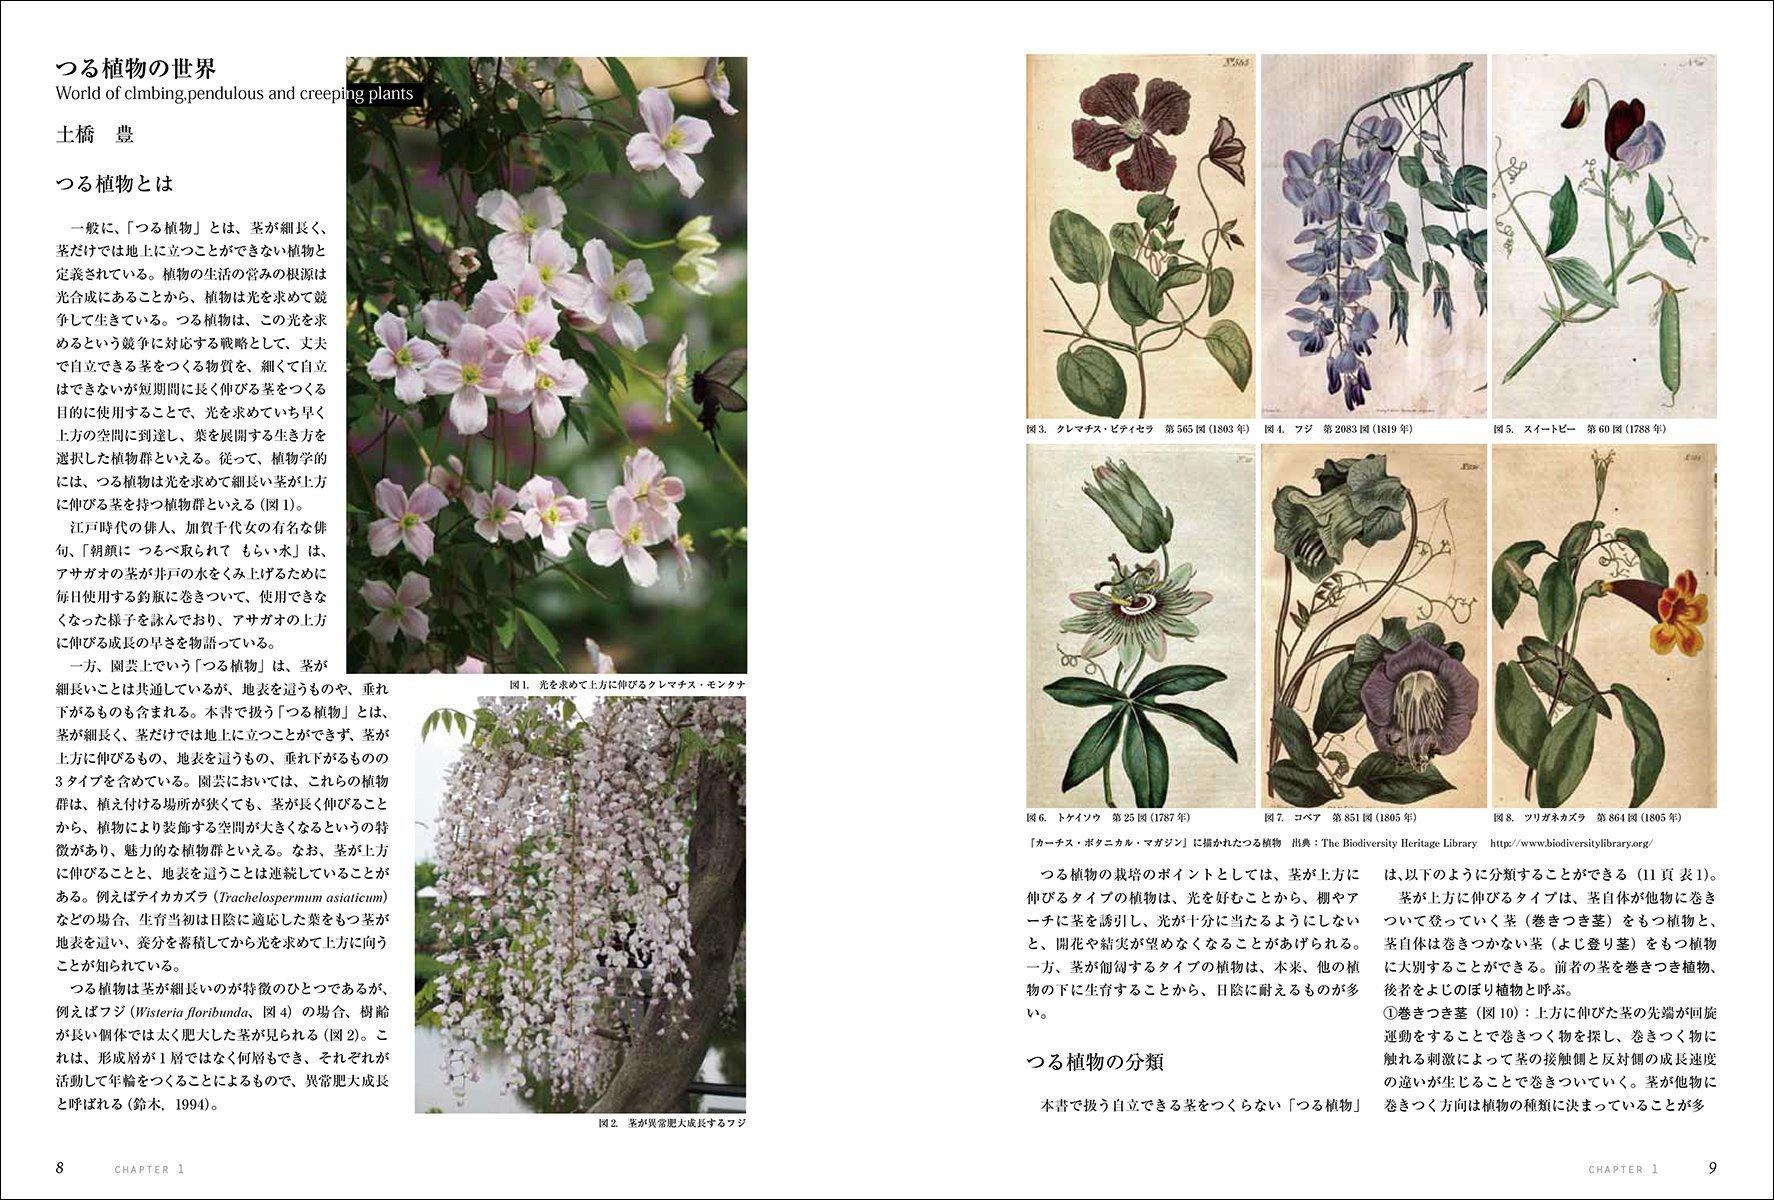 [書籍]『ガーデンライフシリーズ 仕立てて楽しむつる植物: つるバラ・クレマチス・アサガオから珍しい植物まで』 - 画像3